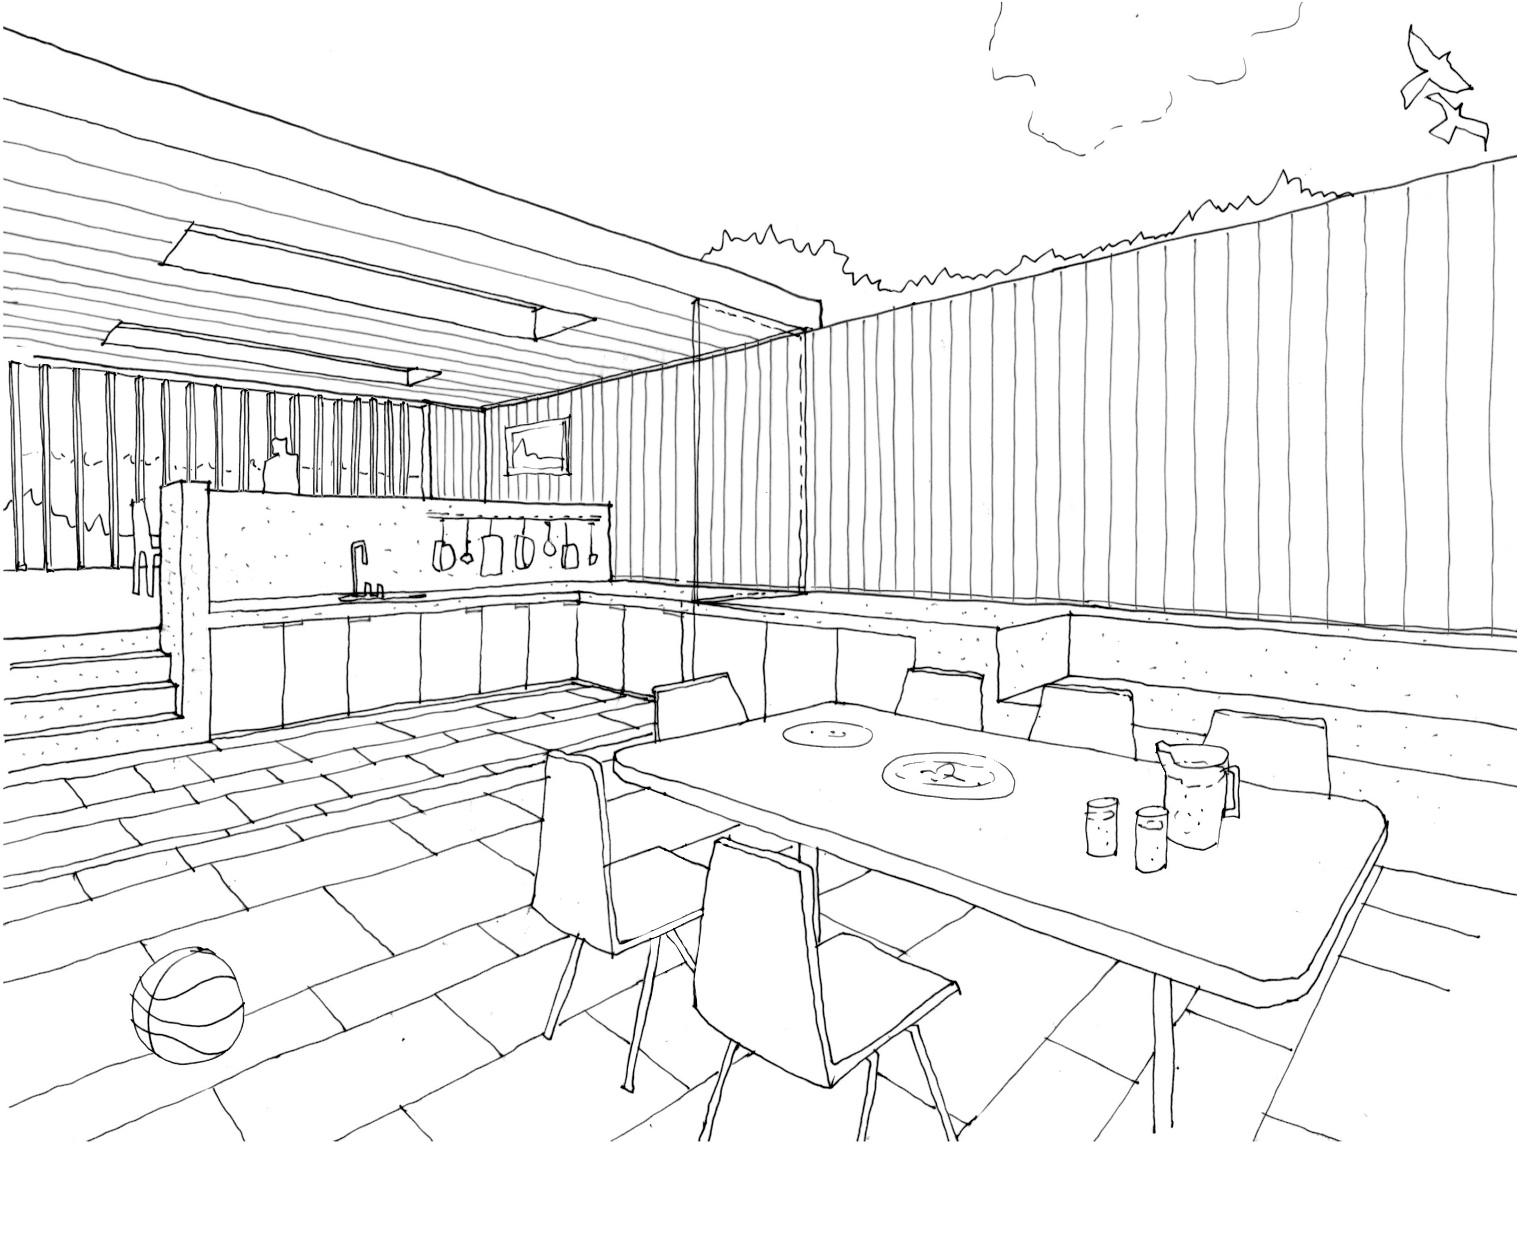 1521x1245 Inspiring Dining Room Drawing Ideas